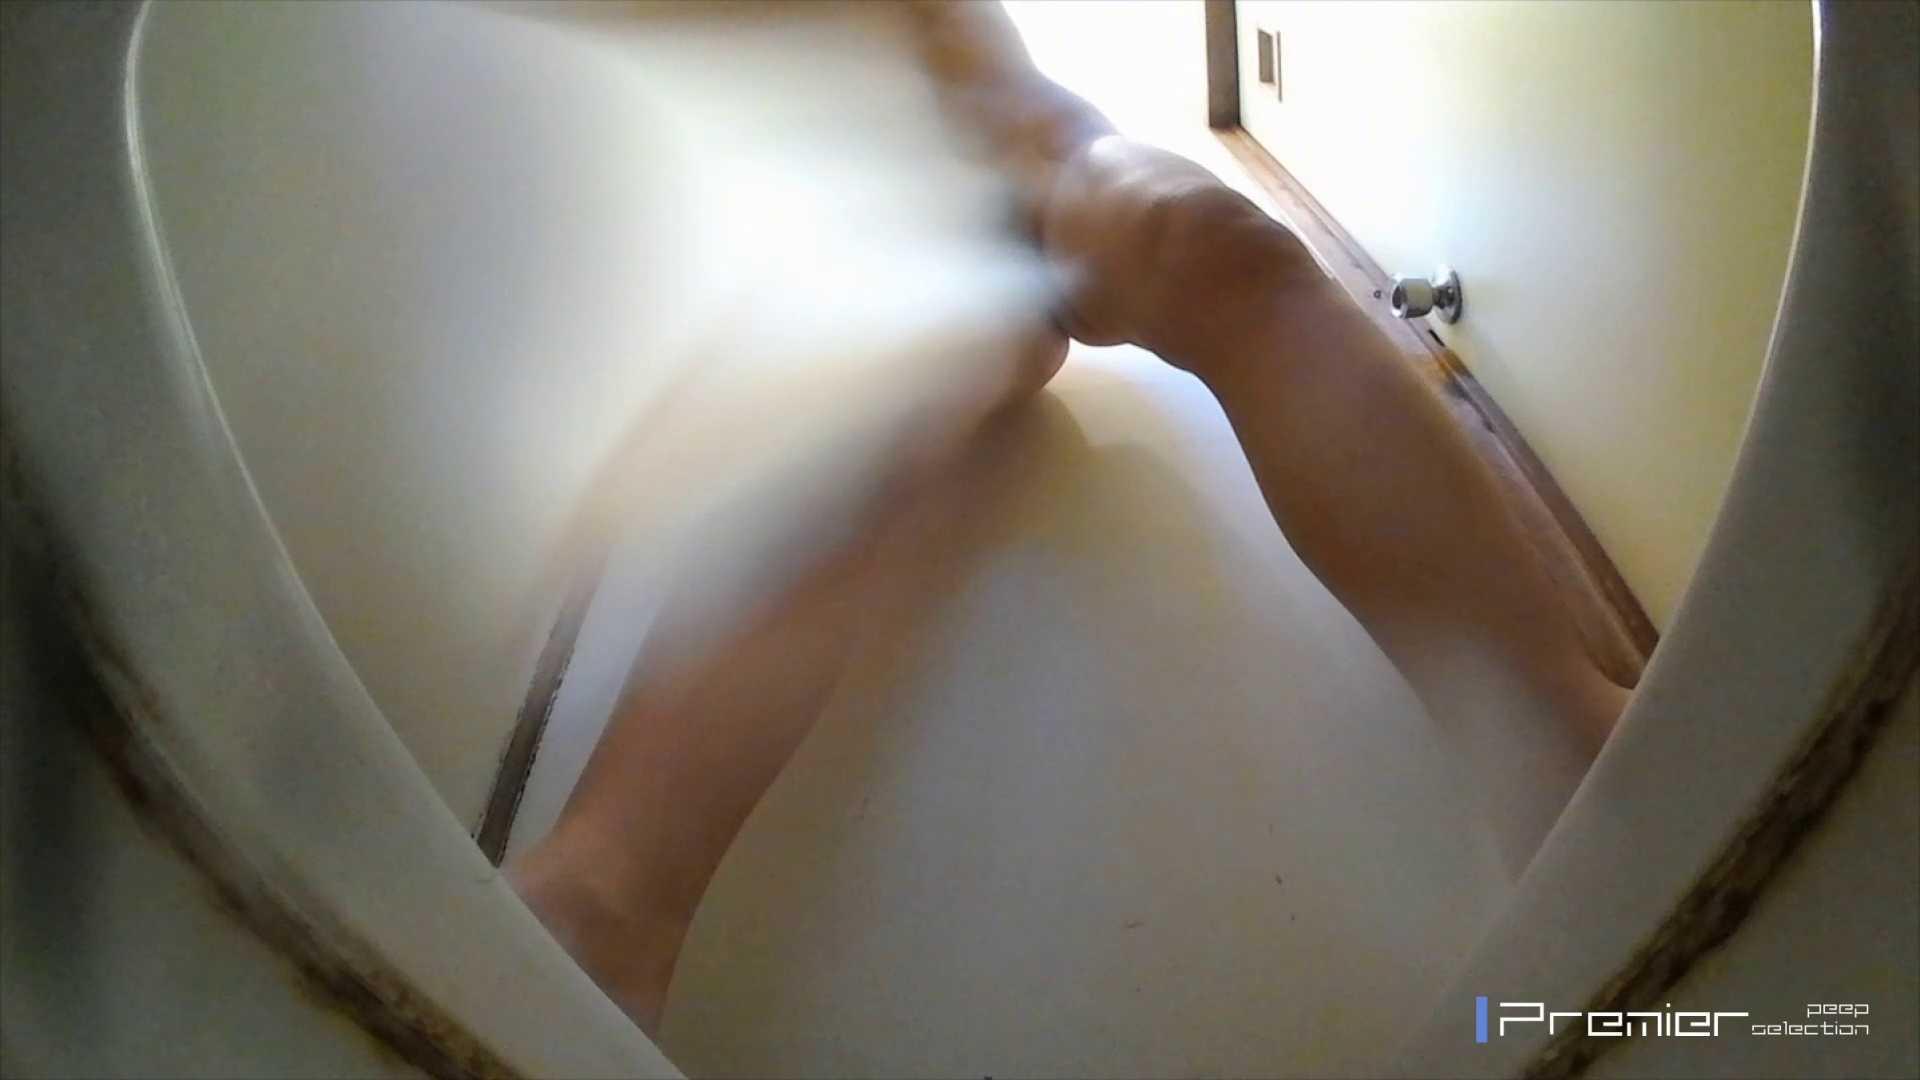 ▲2017_09位▲ 某格安温泉地宿泊施設トイレ盗撮 Vol.03 トイレ中 | ギャル・コレクション  83連発 43